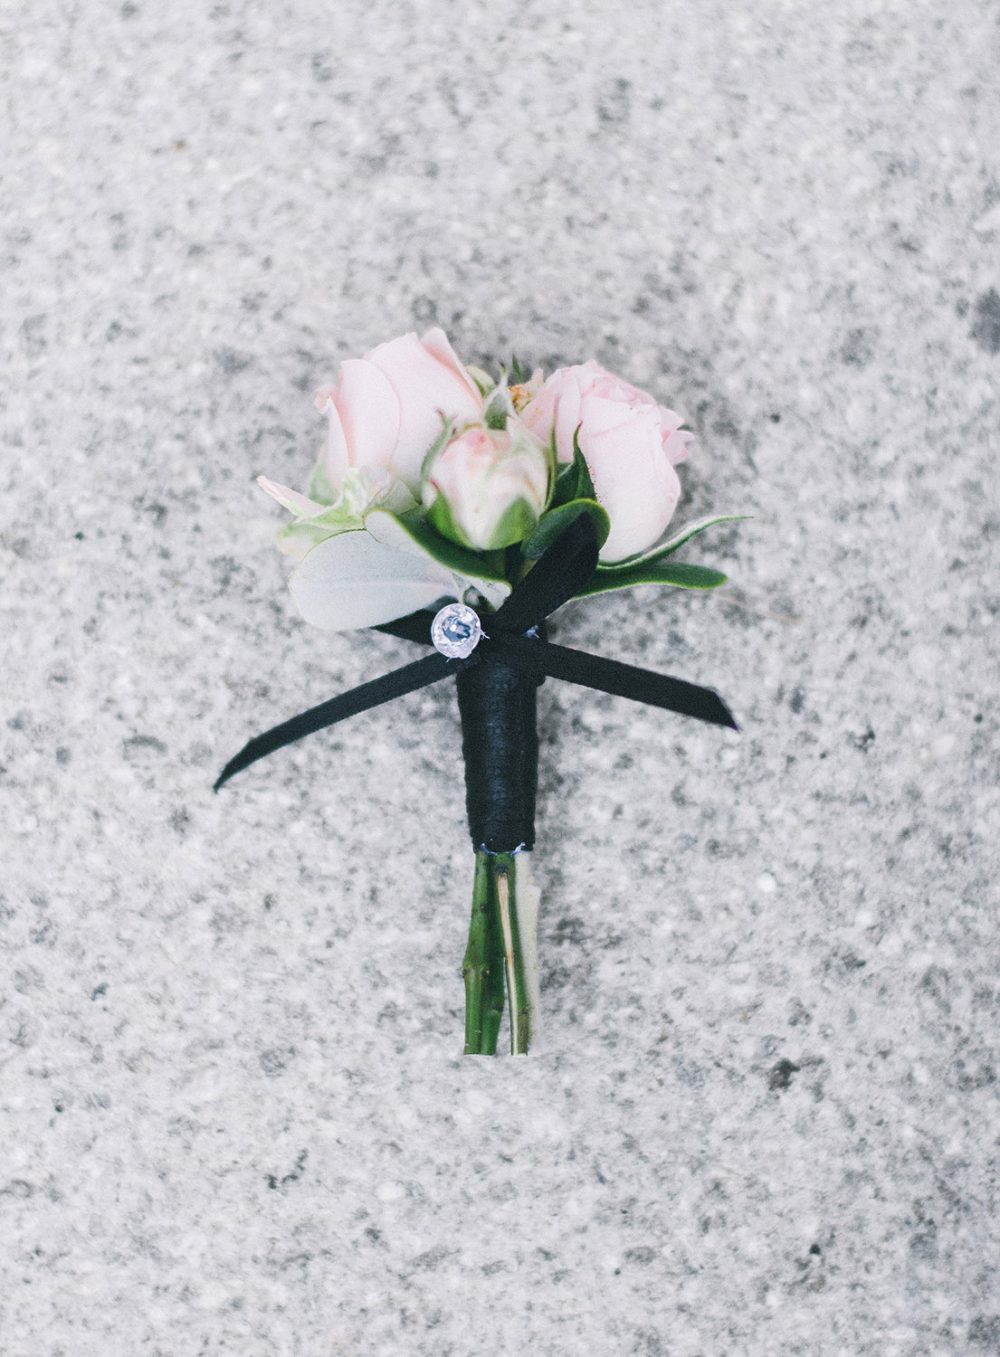 Braut Bräutigam Blumen Anstecker Zürich Bern Gstaad Luzern Aarau Floristik und Dekoration Hochzeit Wedding Floral Design Tabea Maria-Lisa schwarz vierwaldstättersee